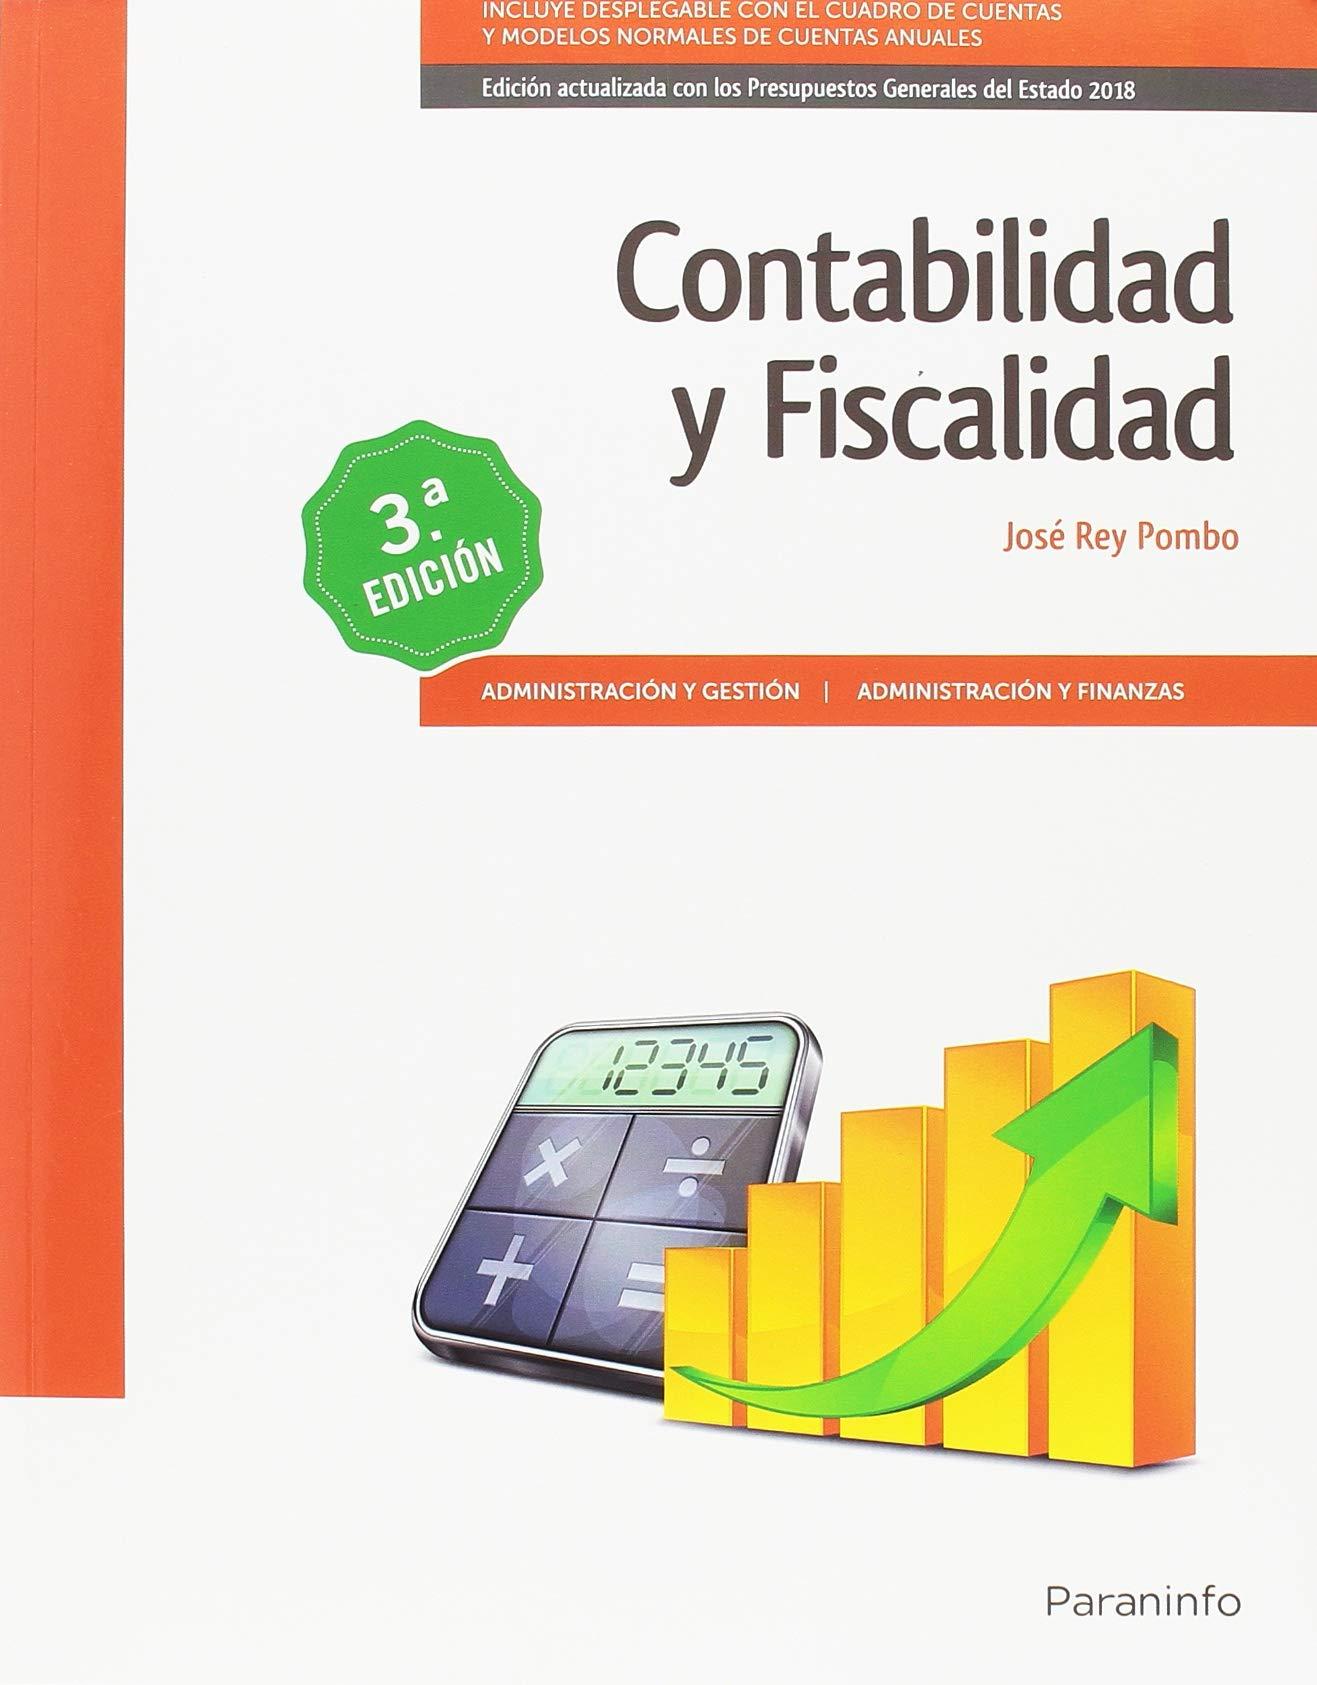 Contabilidad y Fiscalidad 3.ª edición 2018 Tapa blanda – 9 ago 2018 PAULA REY NAVARRO JOSE REY POMBO Ediciones Paraninfo S.A